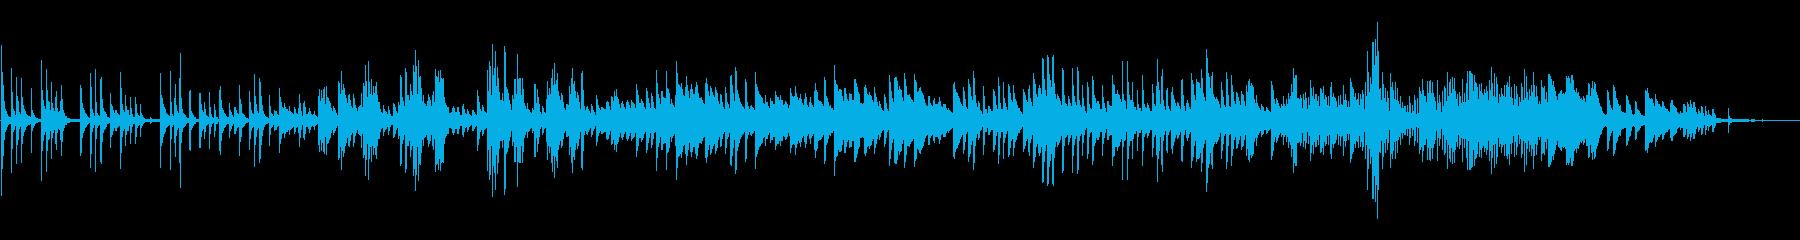 ピアノ ヒーリング 切ない 感動の再生済みの波形